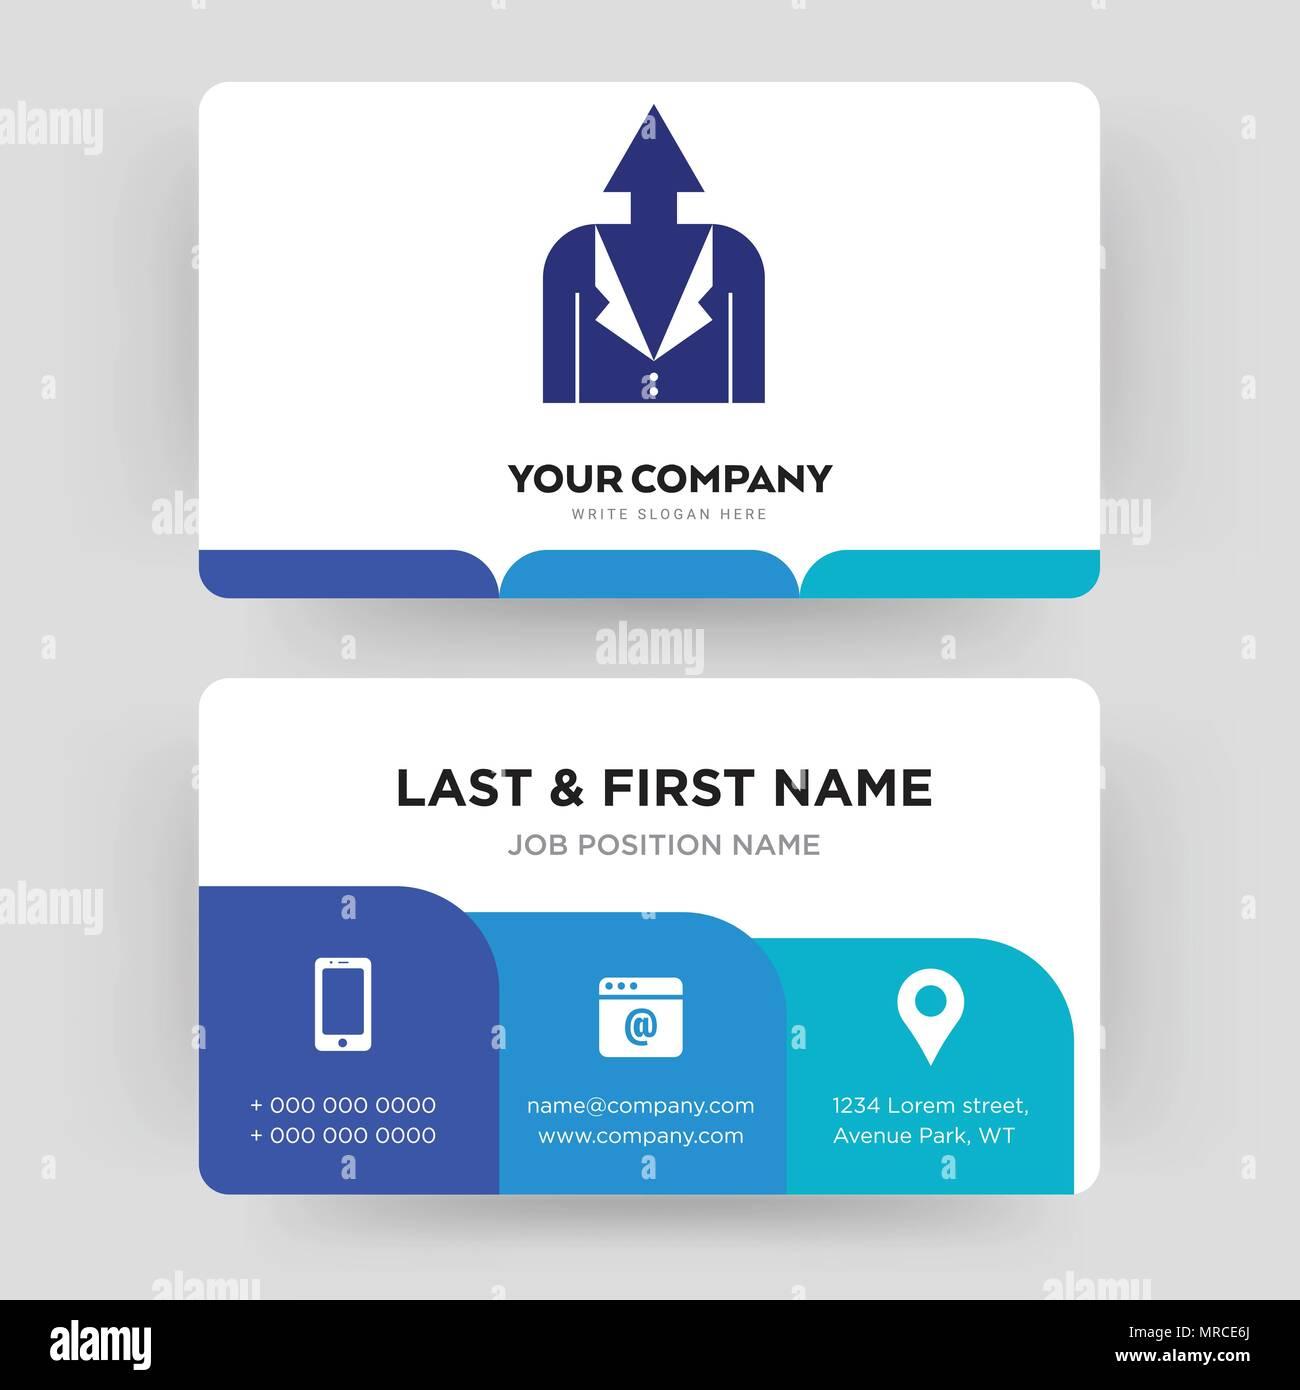 Developpement Personnel Carte De Visite Modele Conception Pour Votre Entreprise Creative Et Moderne Didentite Propre Vector